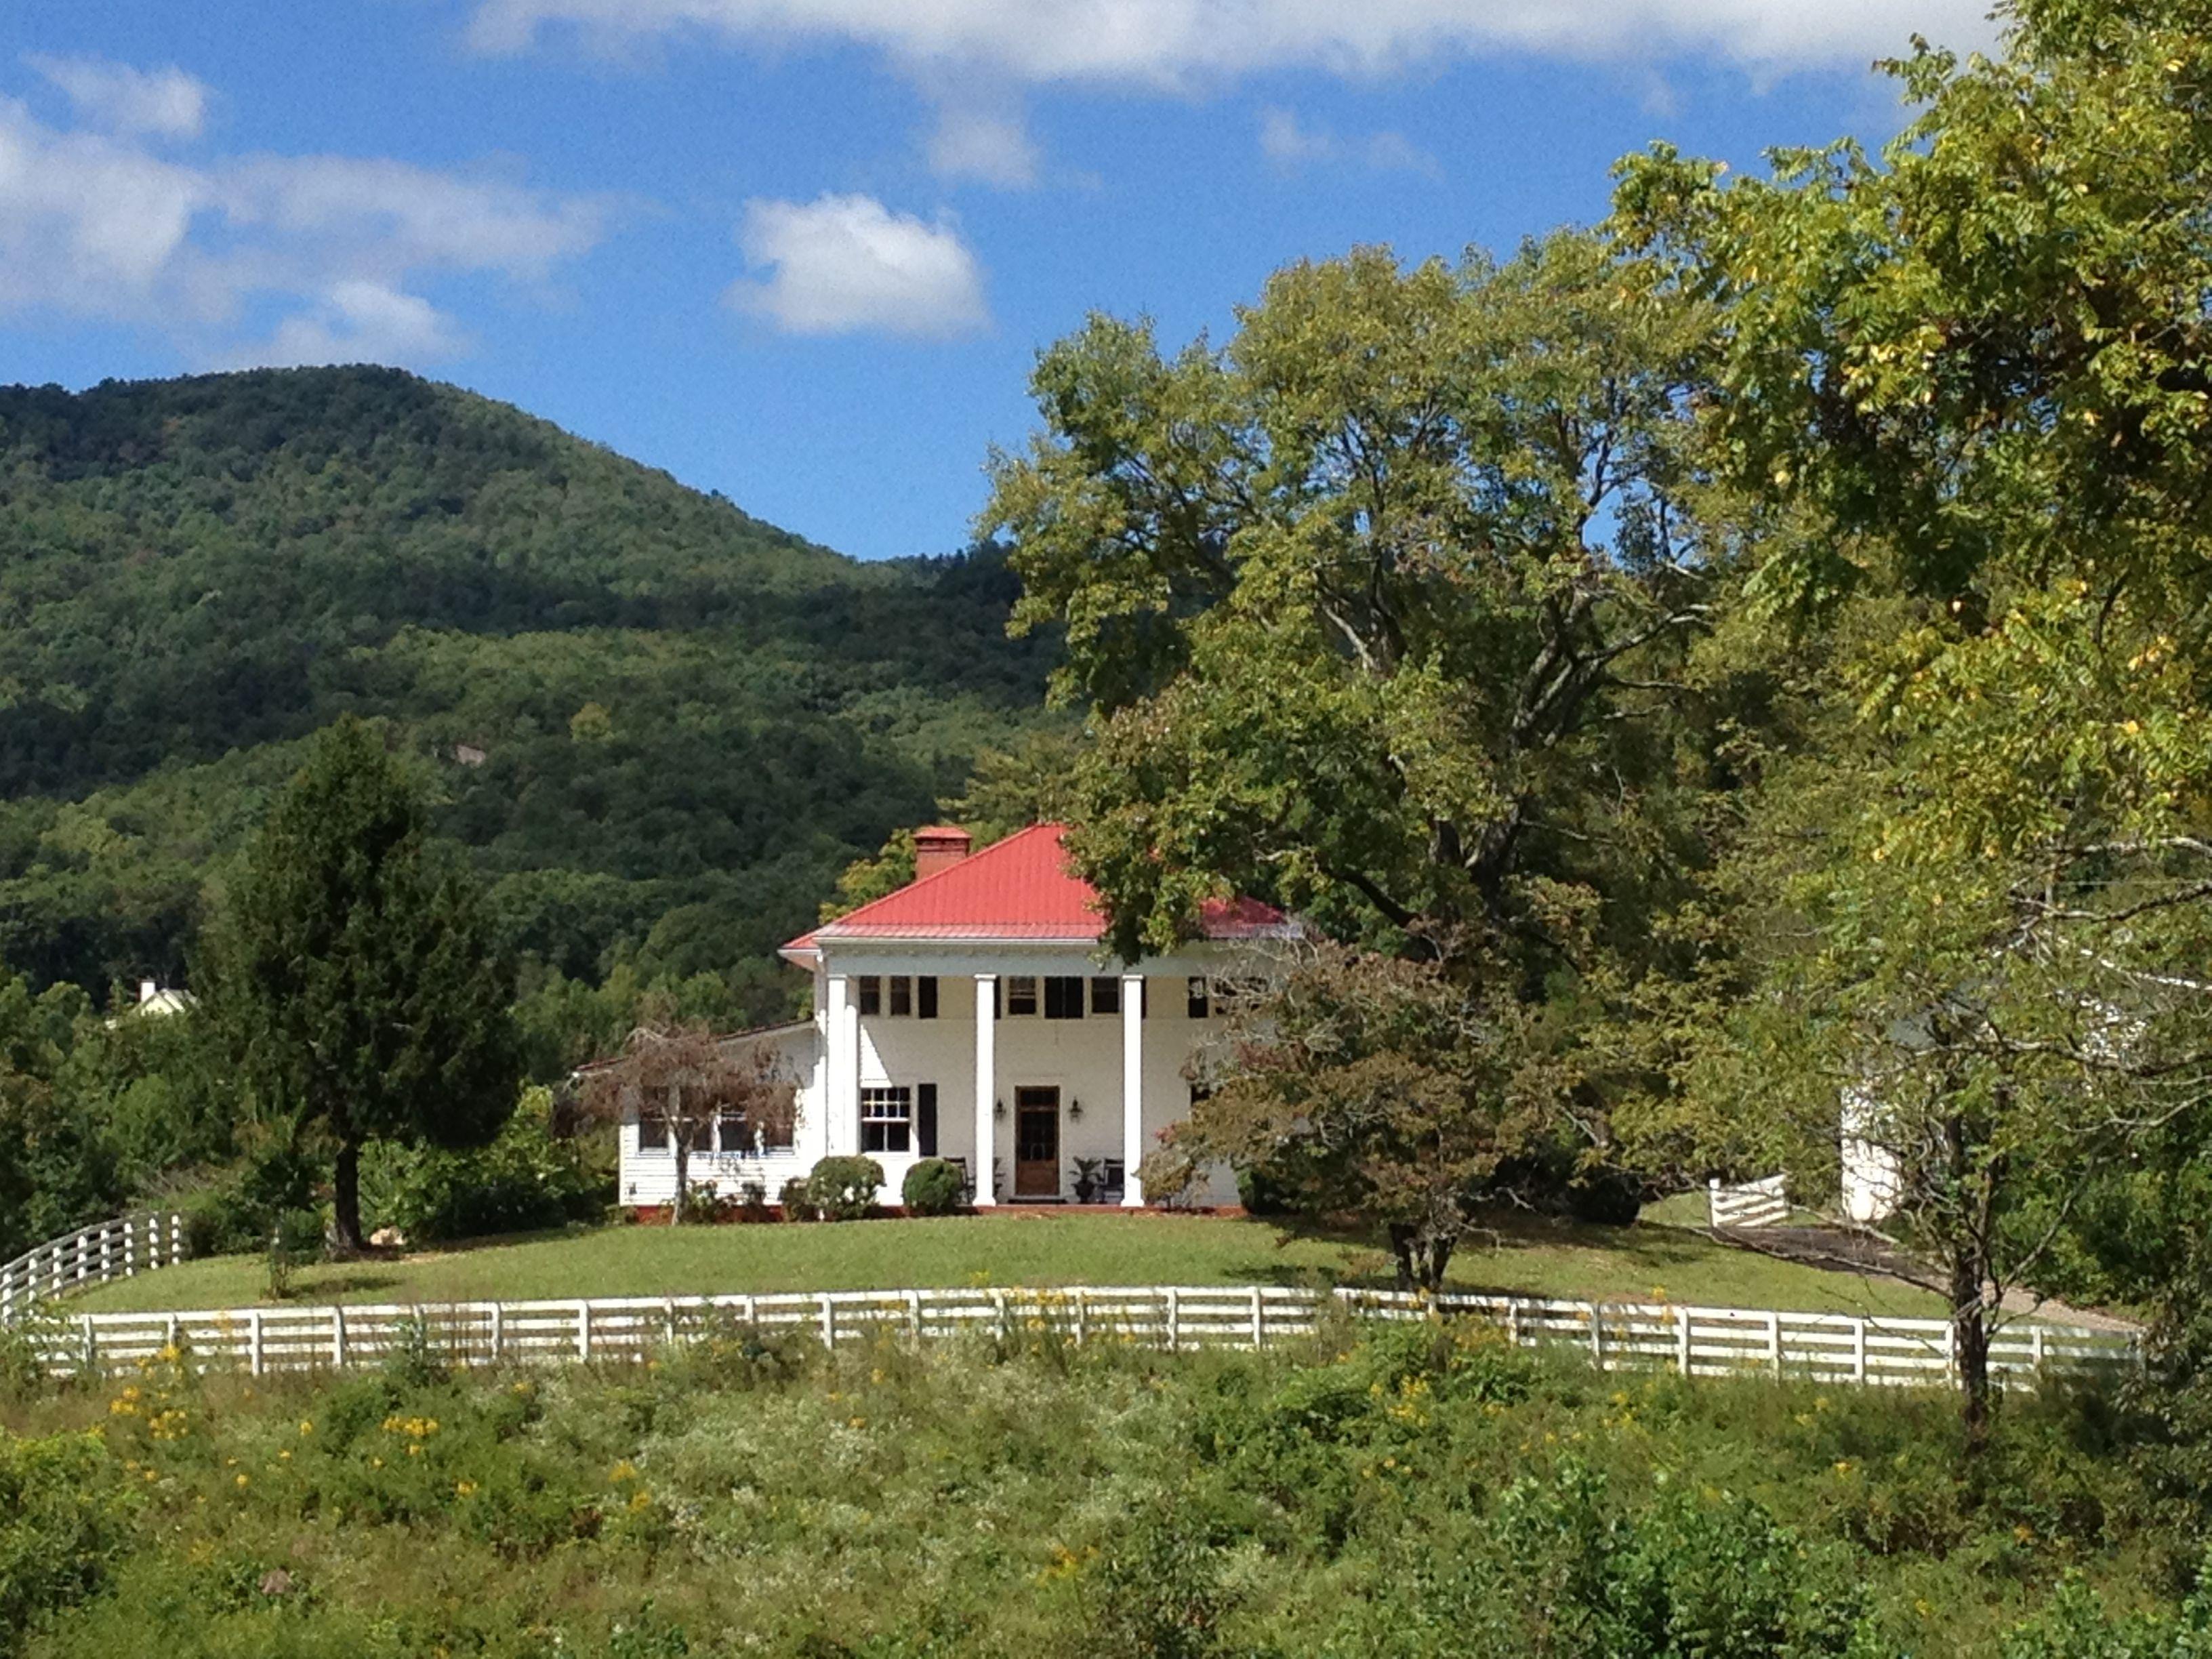 Beautiful day at Mountain Laurel Farm near Helen, GA, in